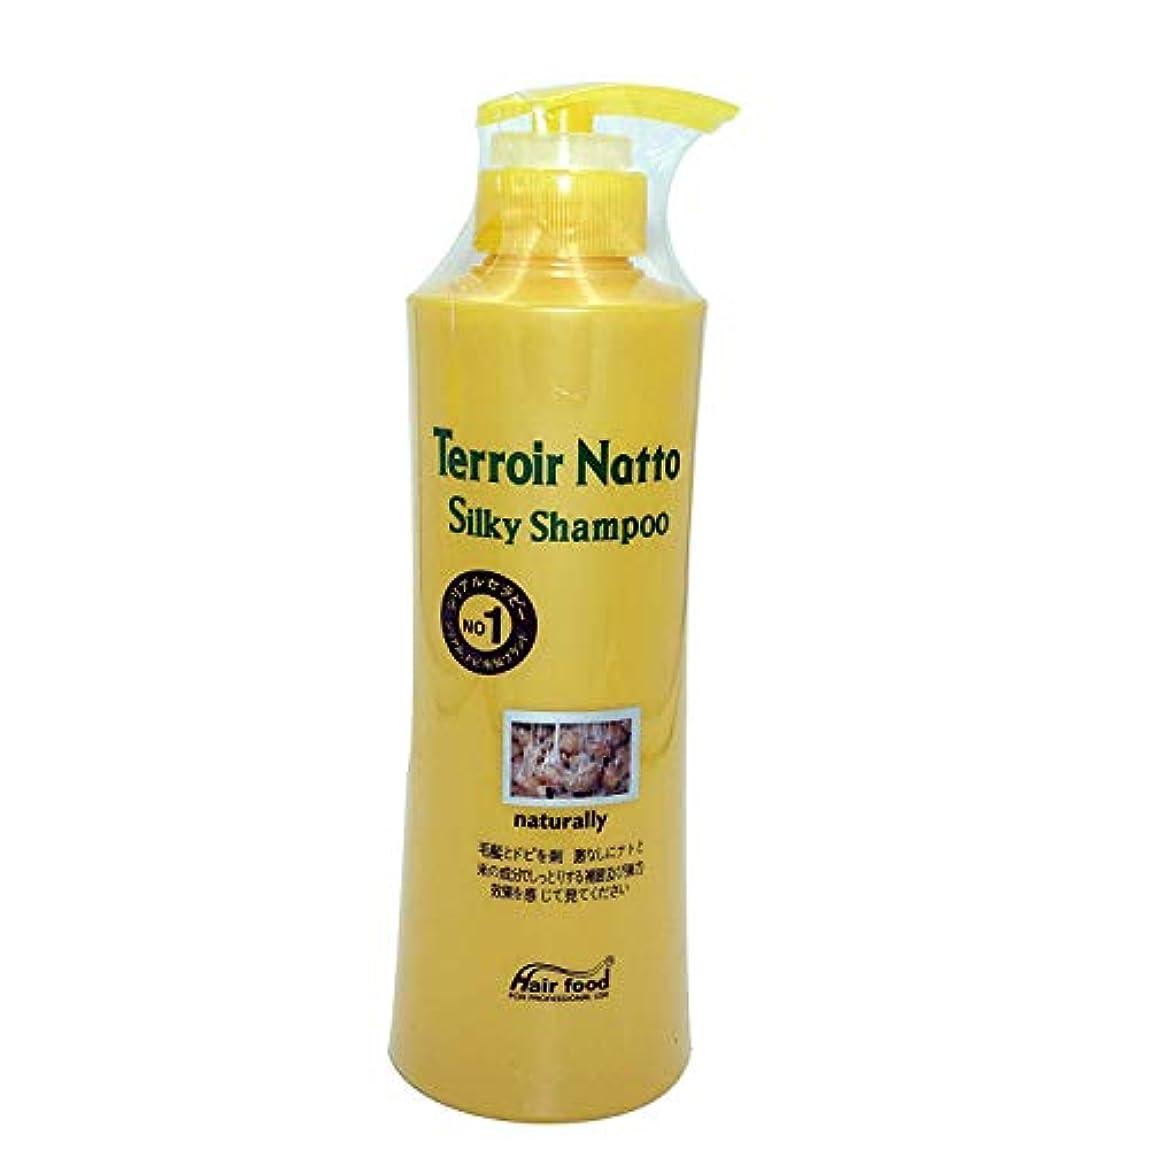 まだら利益ノイズHair food テロワール納豆シルキーシャンプー500ml、乾燥薄毛とセンシティブな頭皮用 - ビタミンタンパクによる弾力ヘア (Terroir Natto Silky Shampoo 500ml for Dry Thin Hair and Sensitive Scalp - Elastic Hair by Vitamin Protein)[並行輸入品]